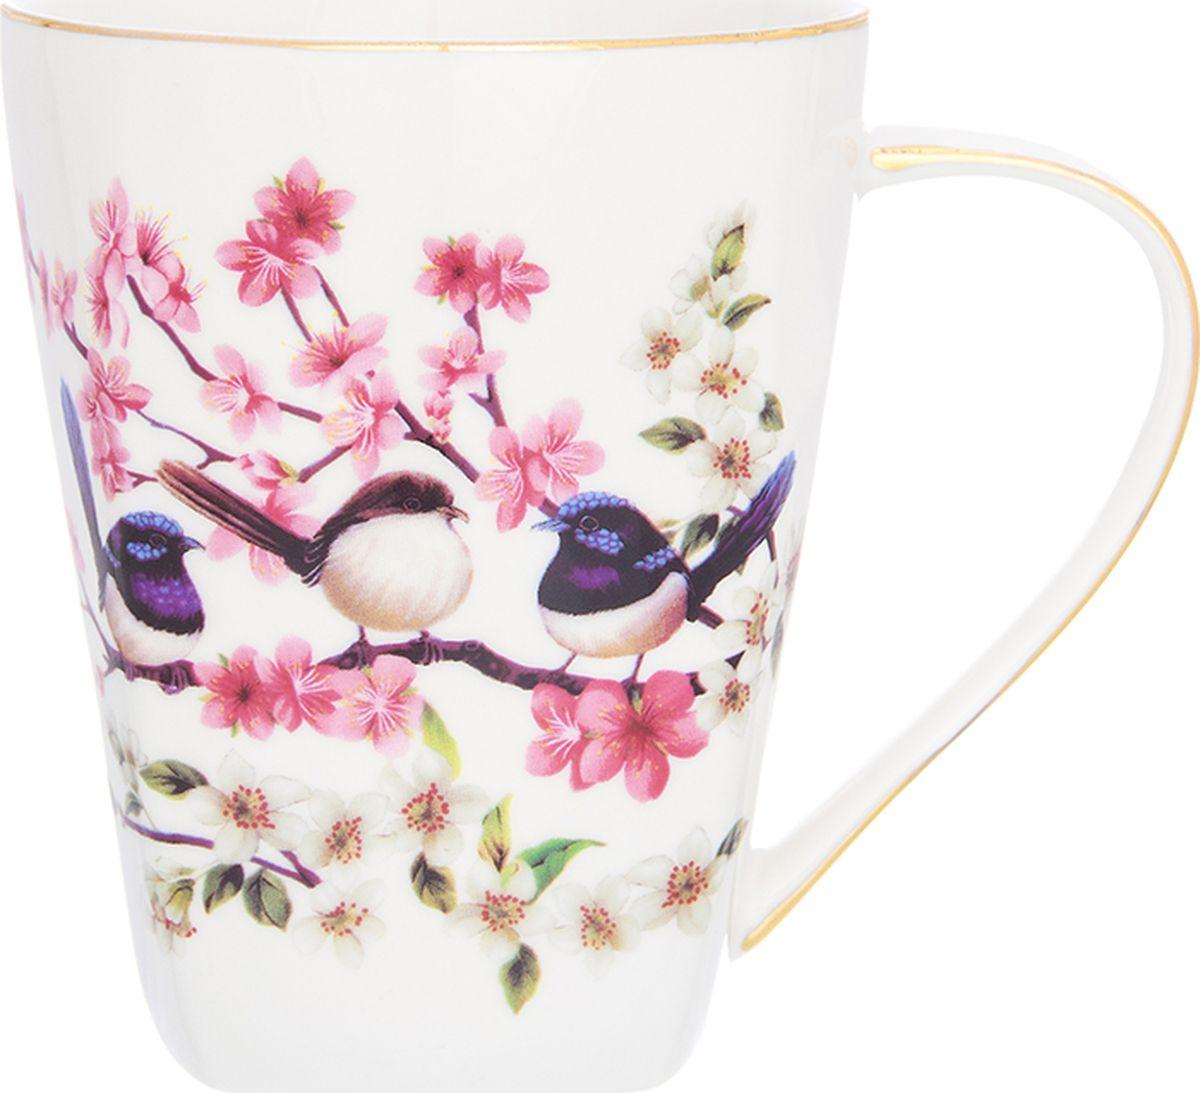 Кружка Elan Gallery  Райские птички , высокая, 420 мл. 504132 - Туристическая посуда